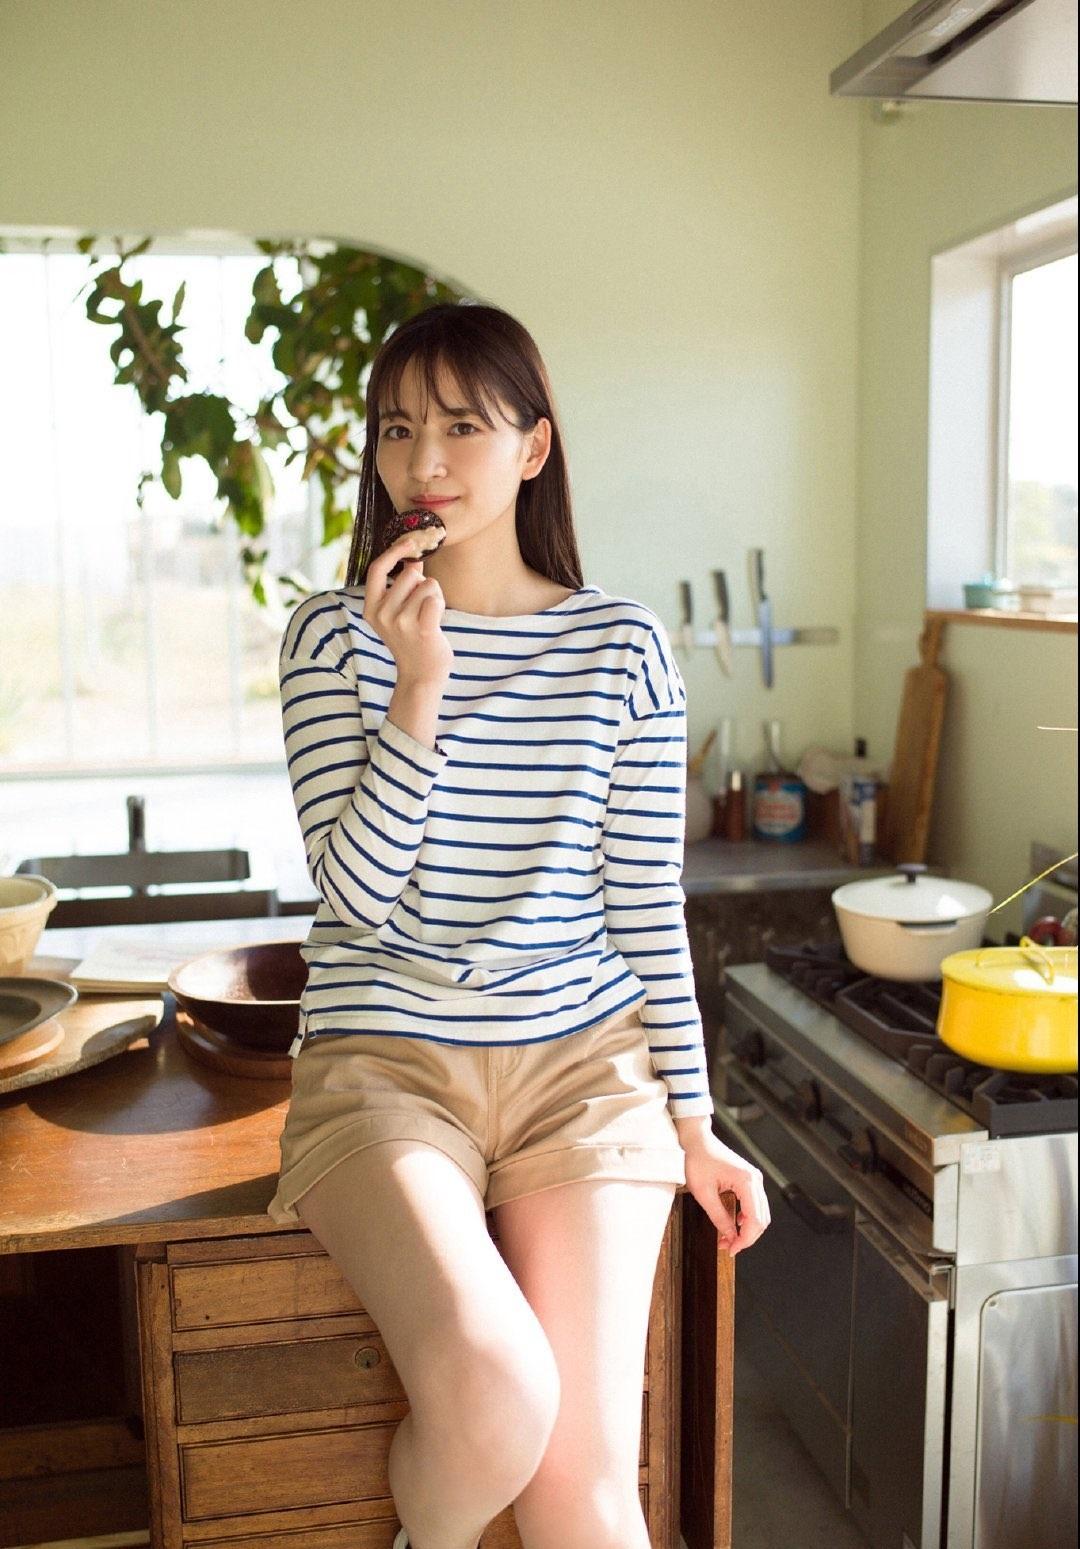 金川紗耶52